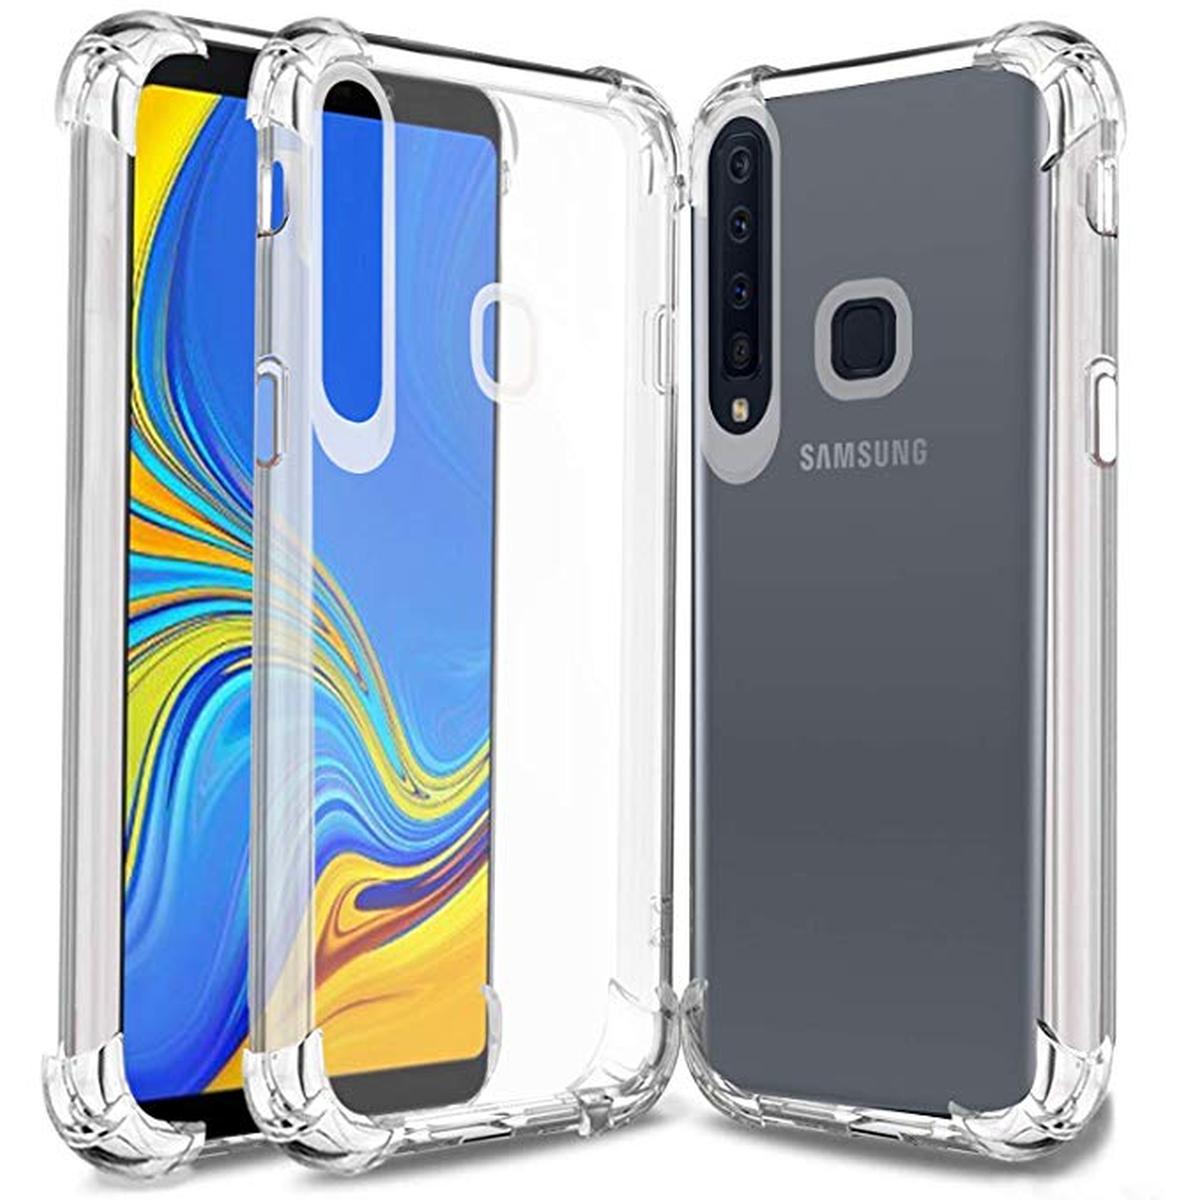 Samsung-Galaxy-A9-clear-case-1